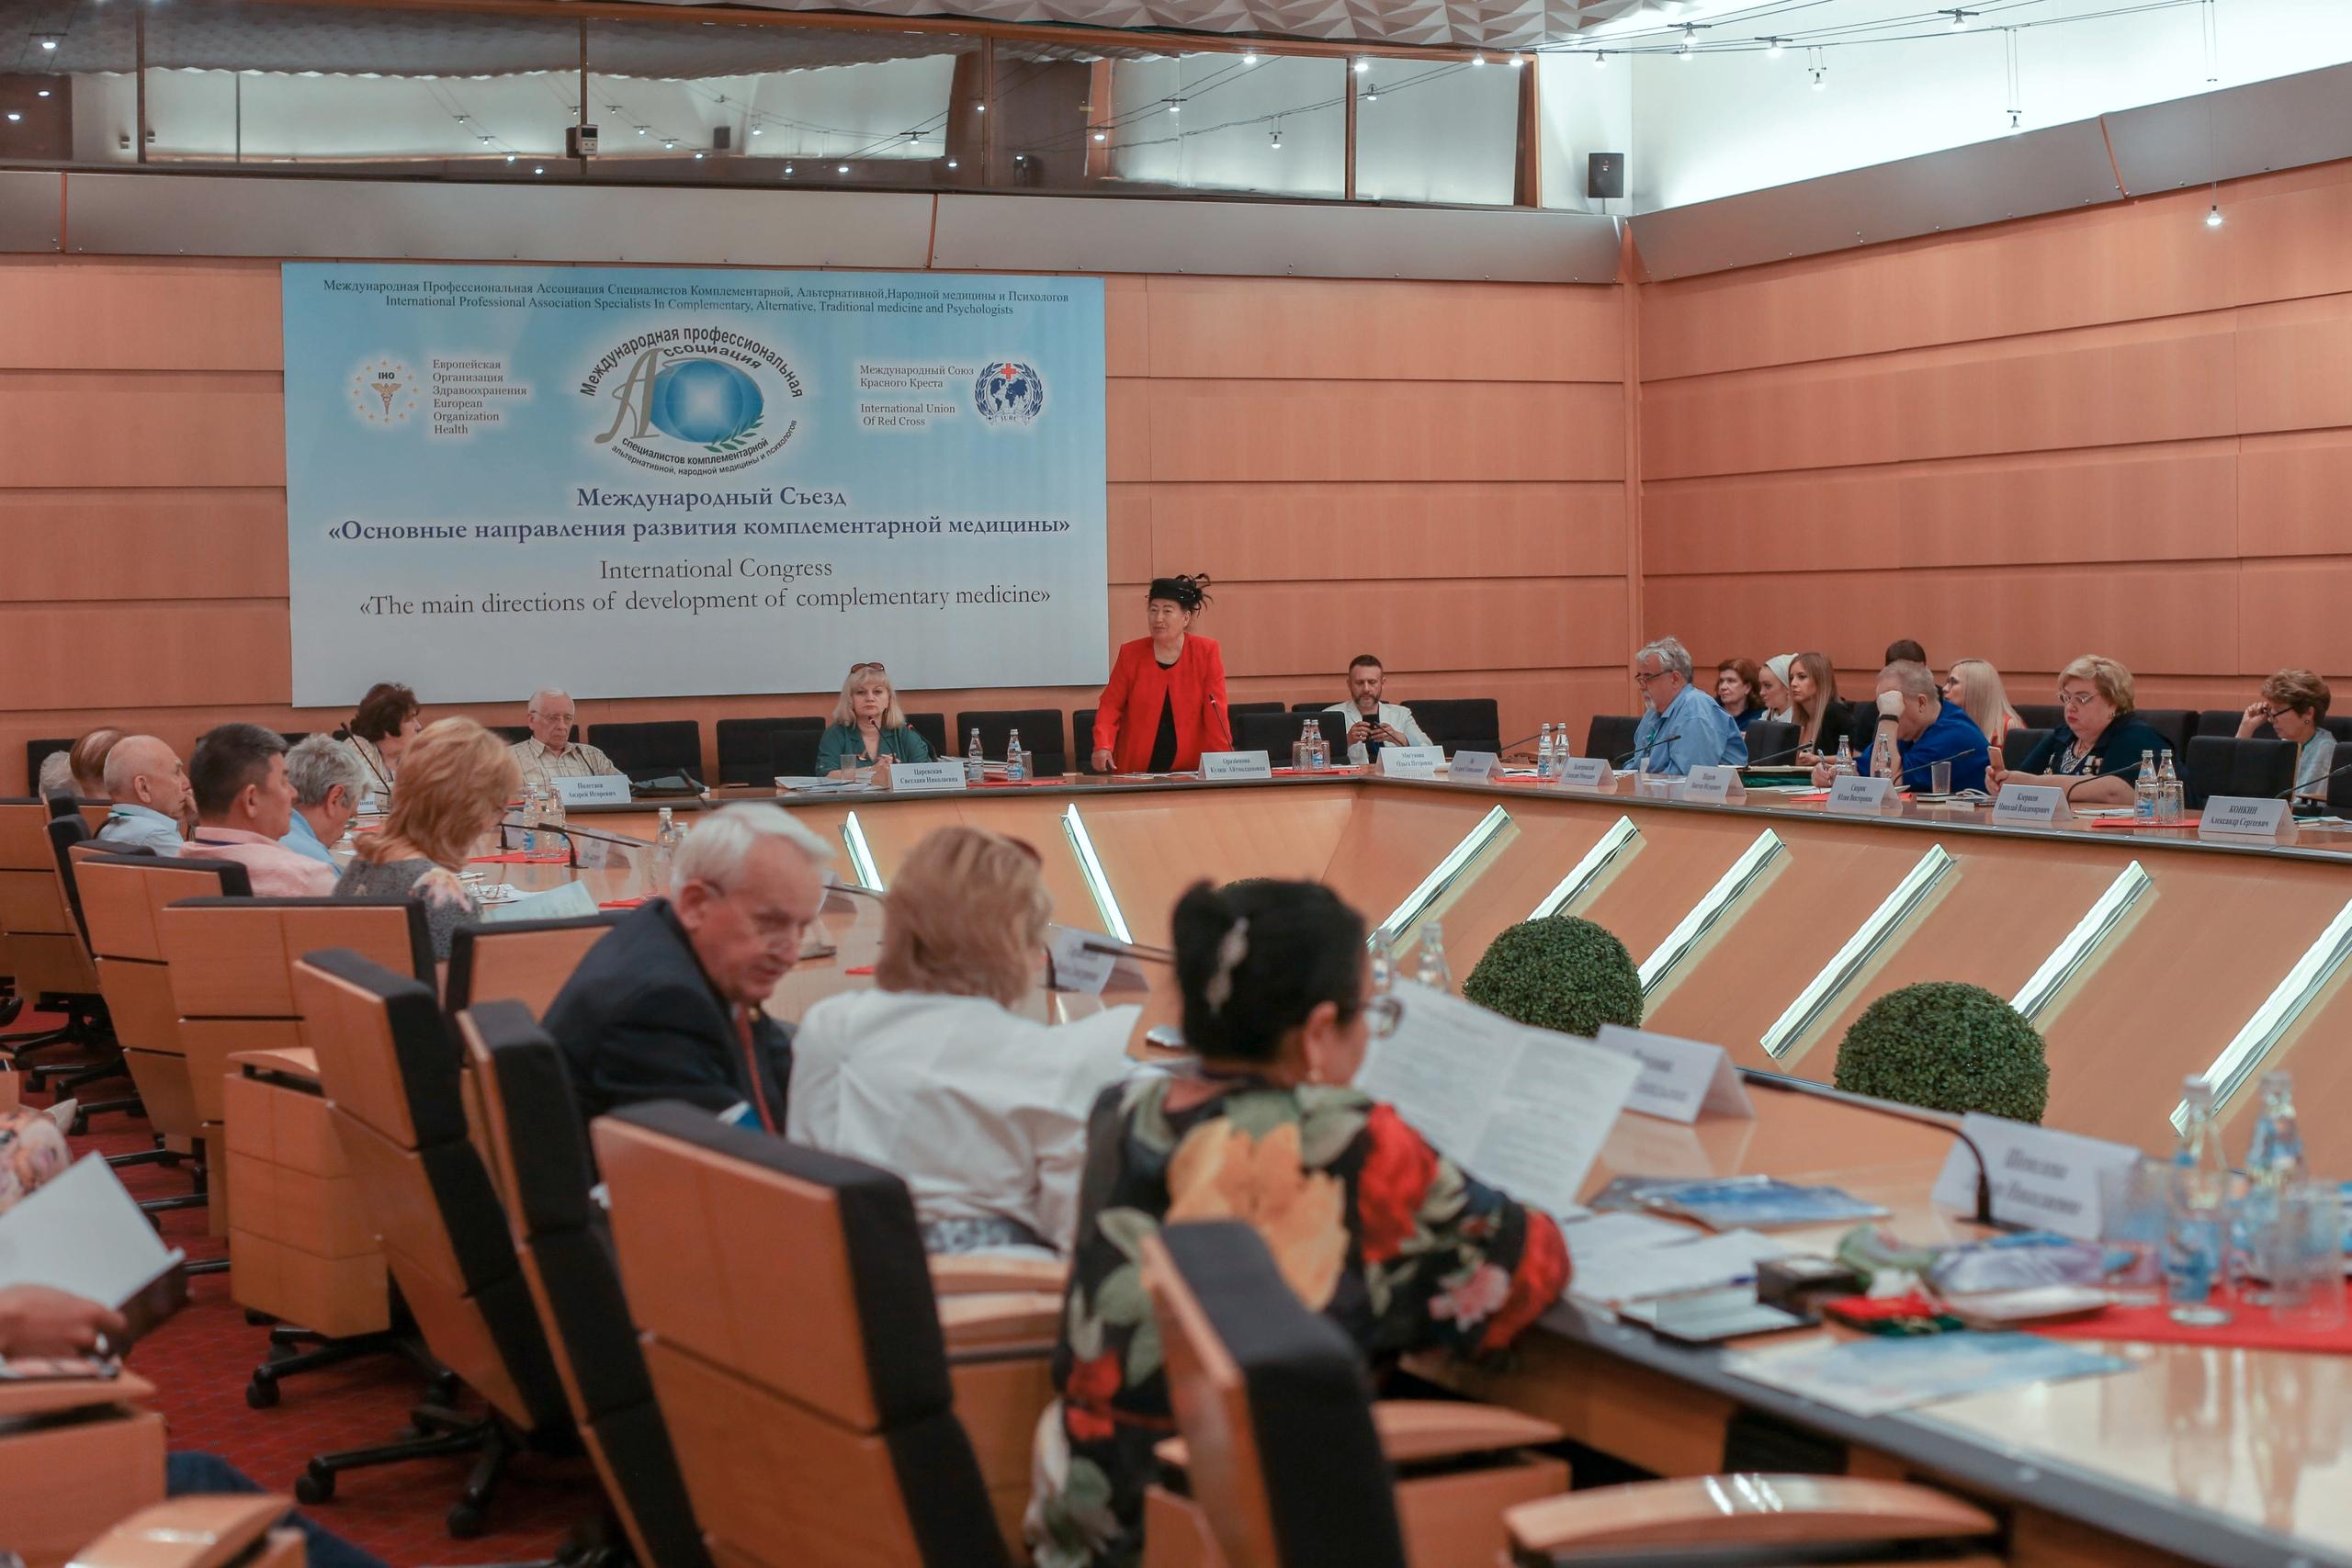 ZJ8cKMwoCsg - Состоялась Международная Конференция в Доме Правительства 7 июня 2019г.